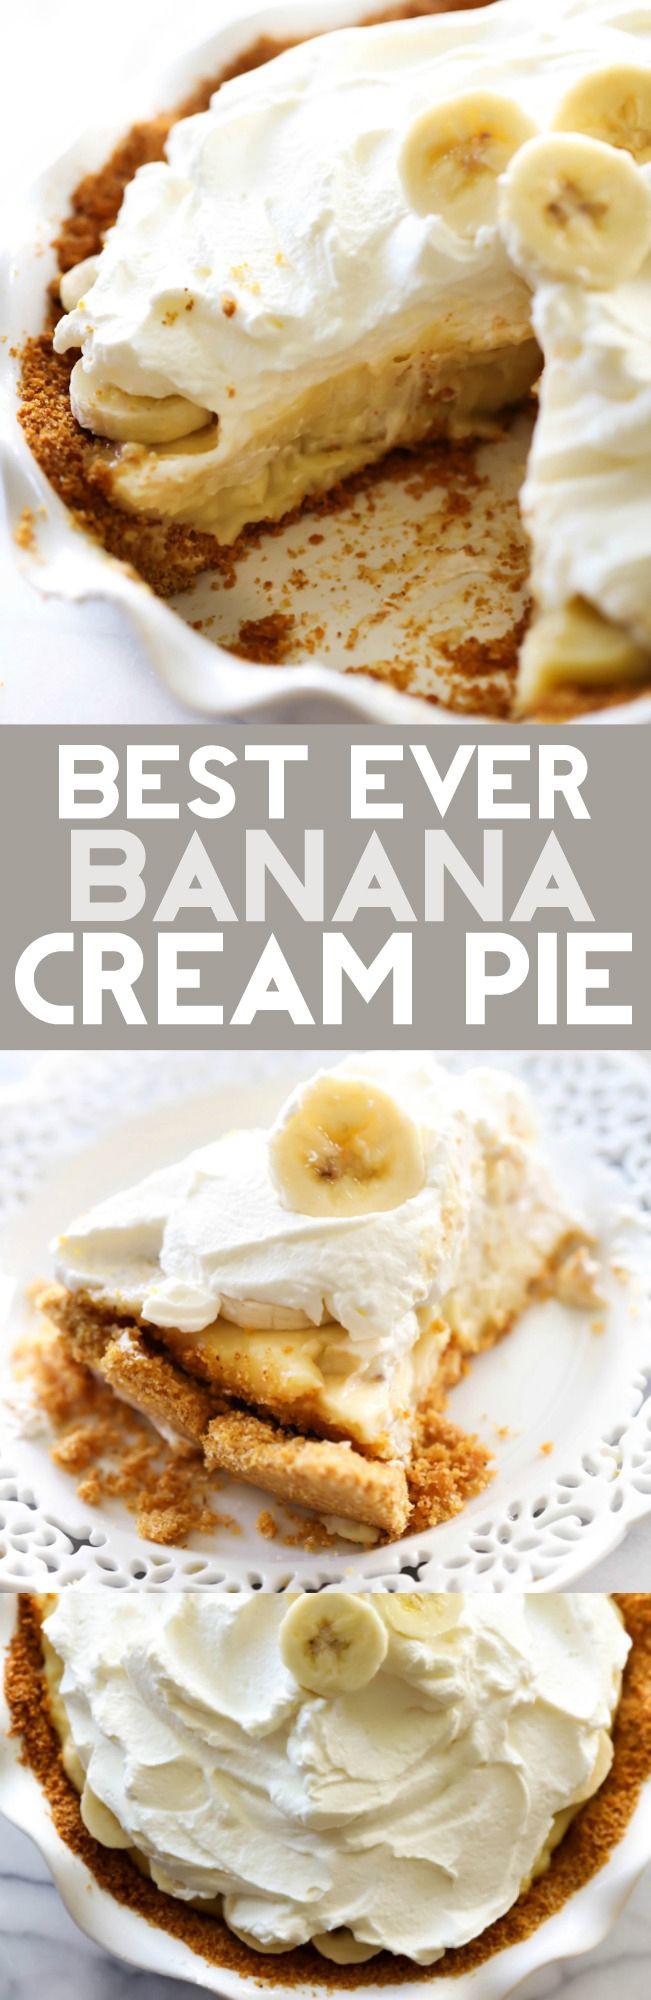 Banana Cream Pie Graham Cracker Crust  Best Ever Banana Cream Pie Recipe